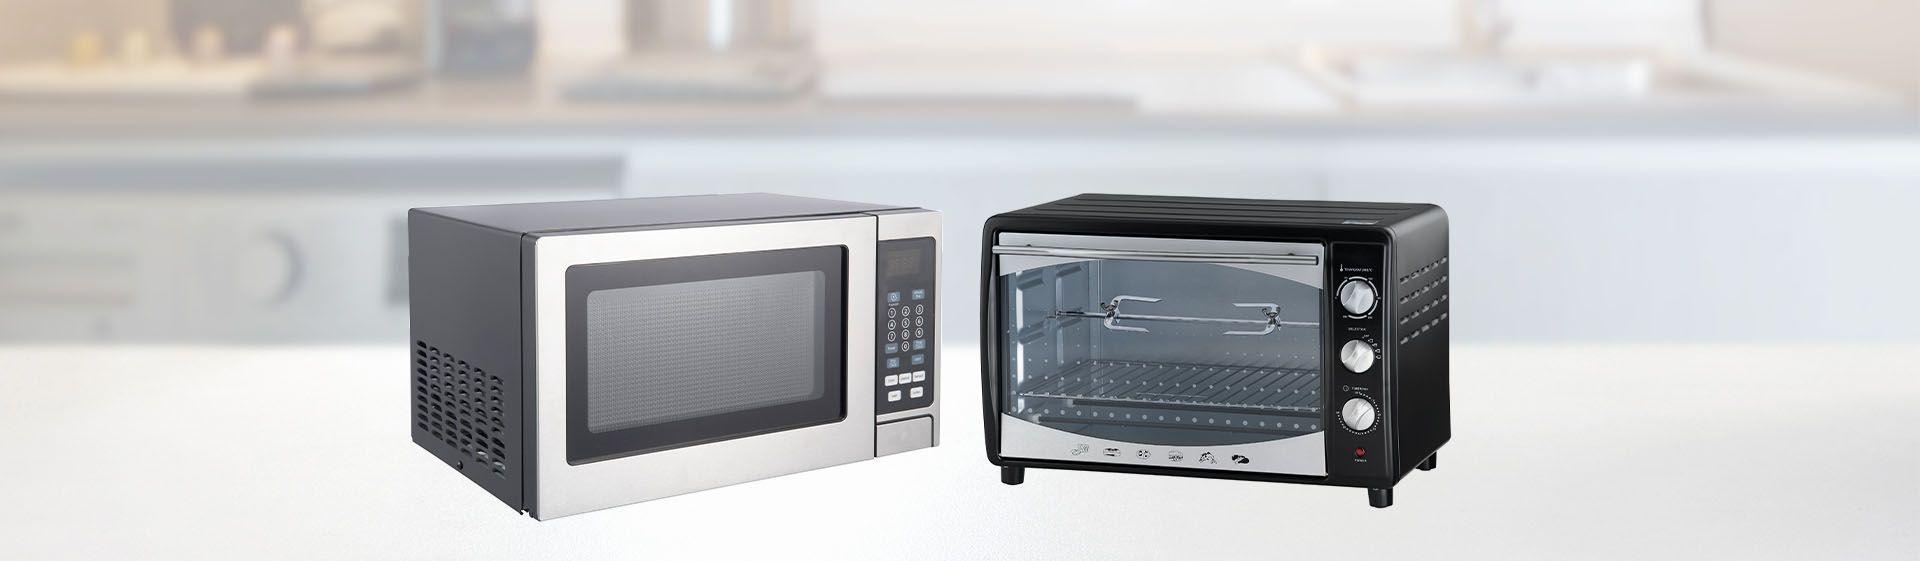 Quais as diferenças entre micro-ondas e forno elétrico?